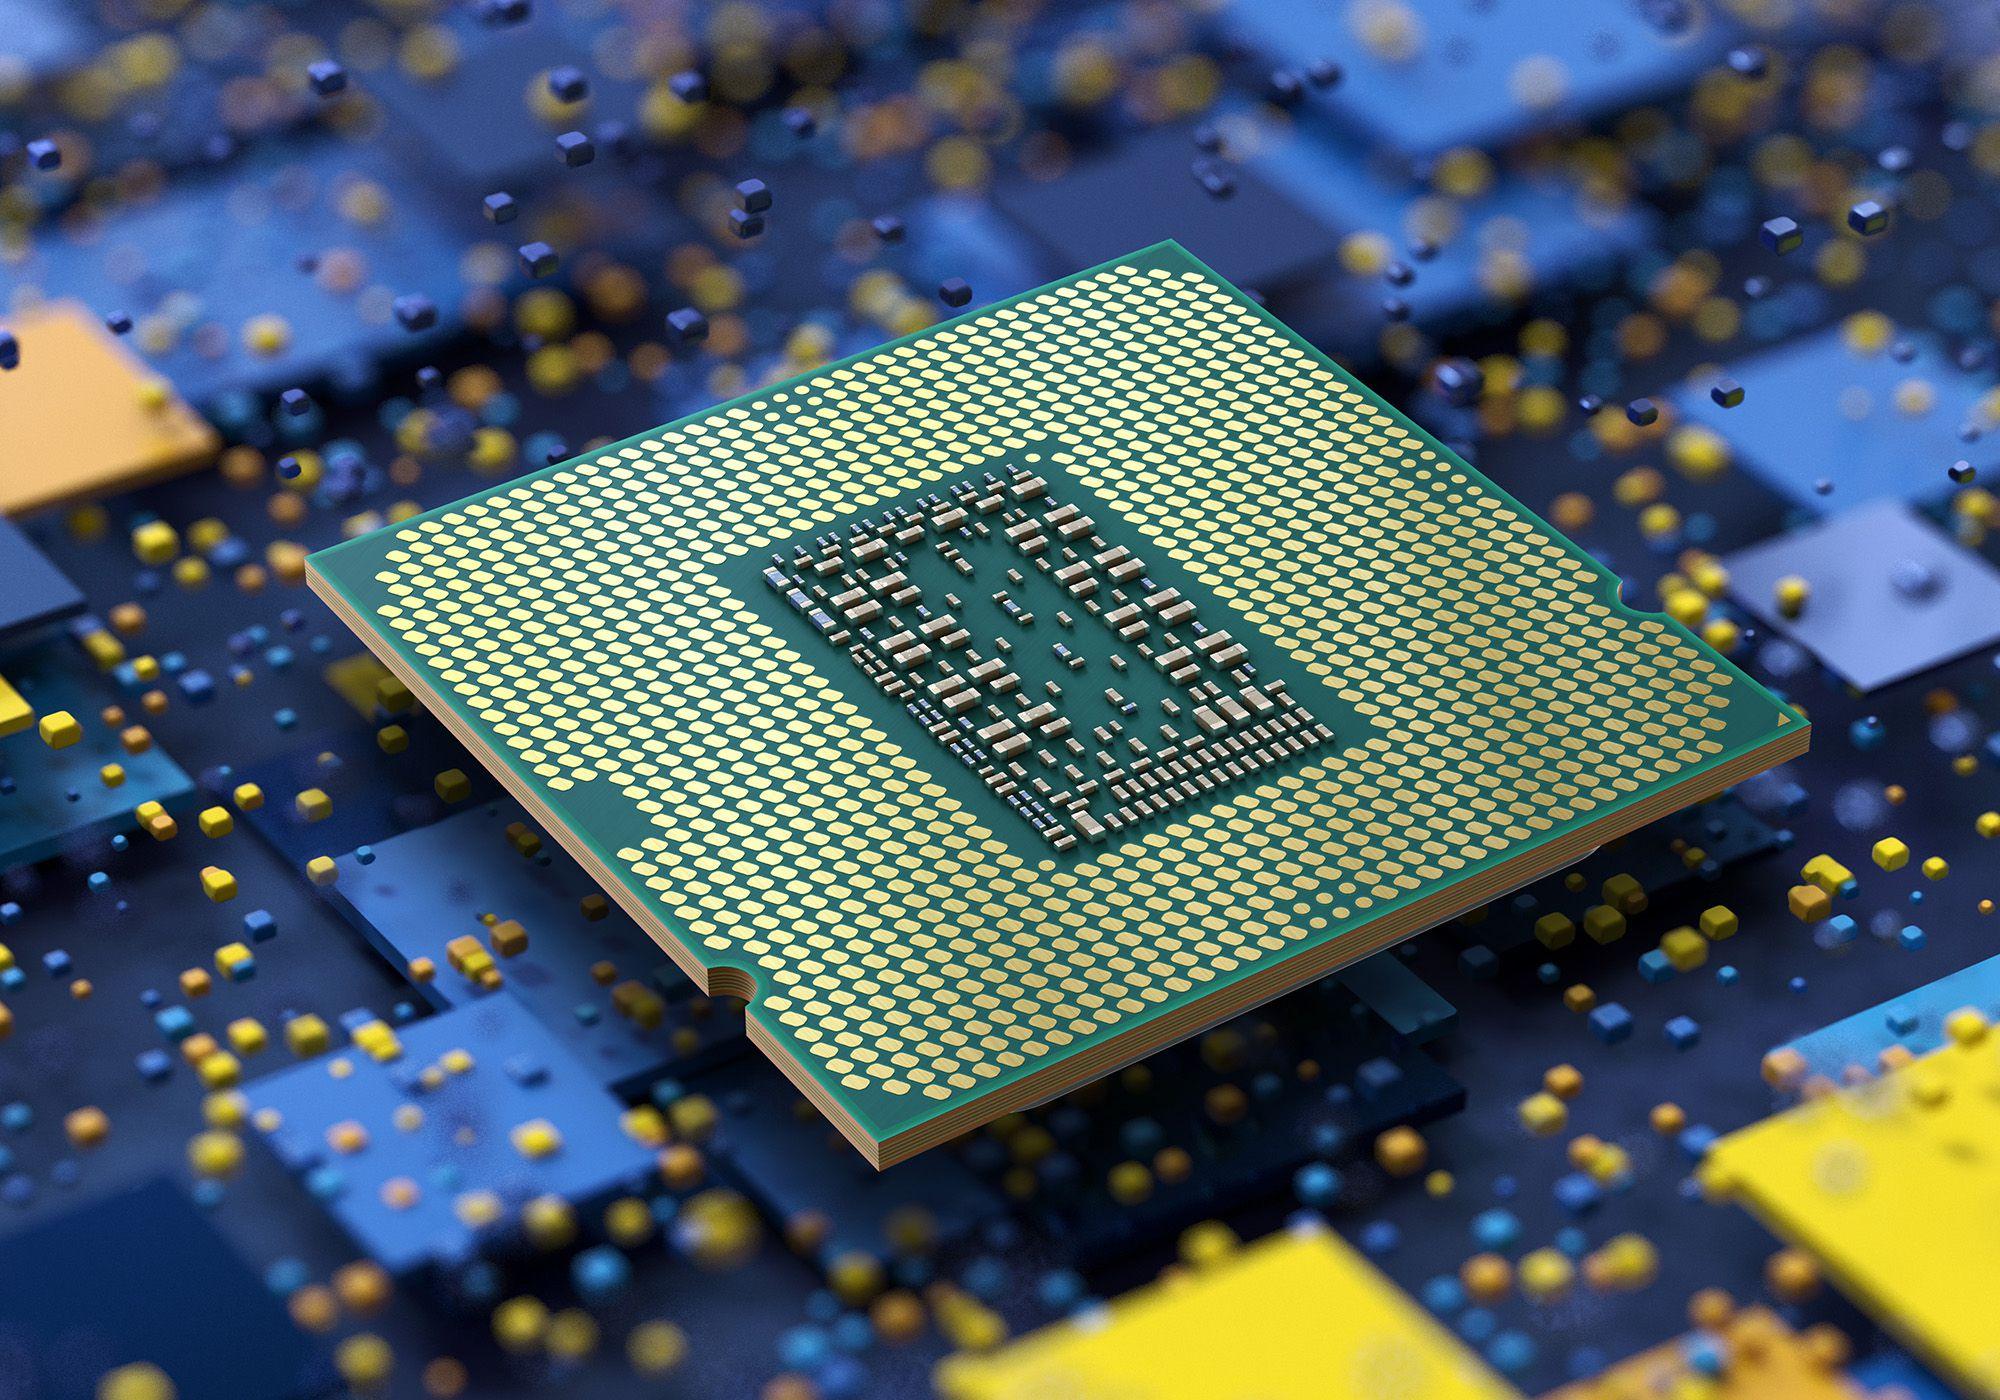 Novos processadores são retrocompatíveis com placas-mãe com chipset Serie 400 e soquete LGA-1200, mas contam com recursos aguardados há bastante tempo, incluindo suporte a PCIe 4.0